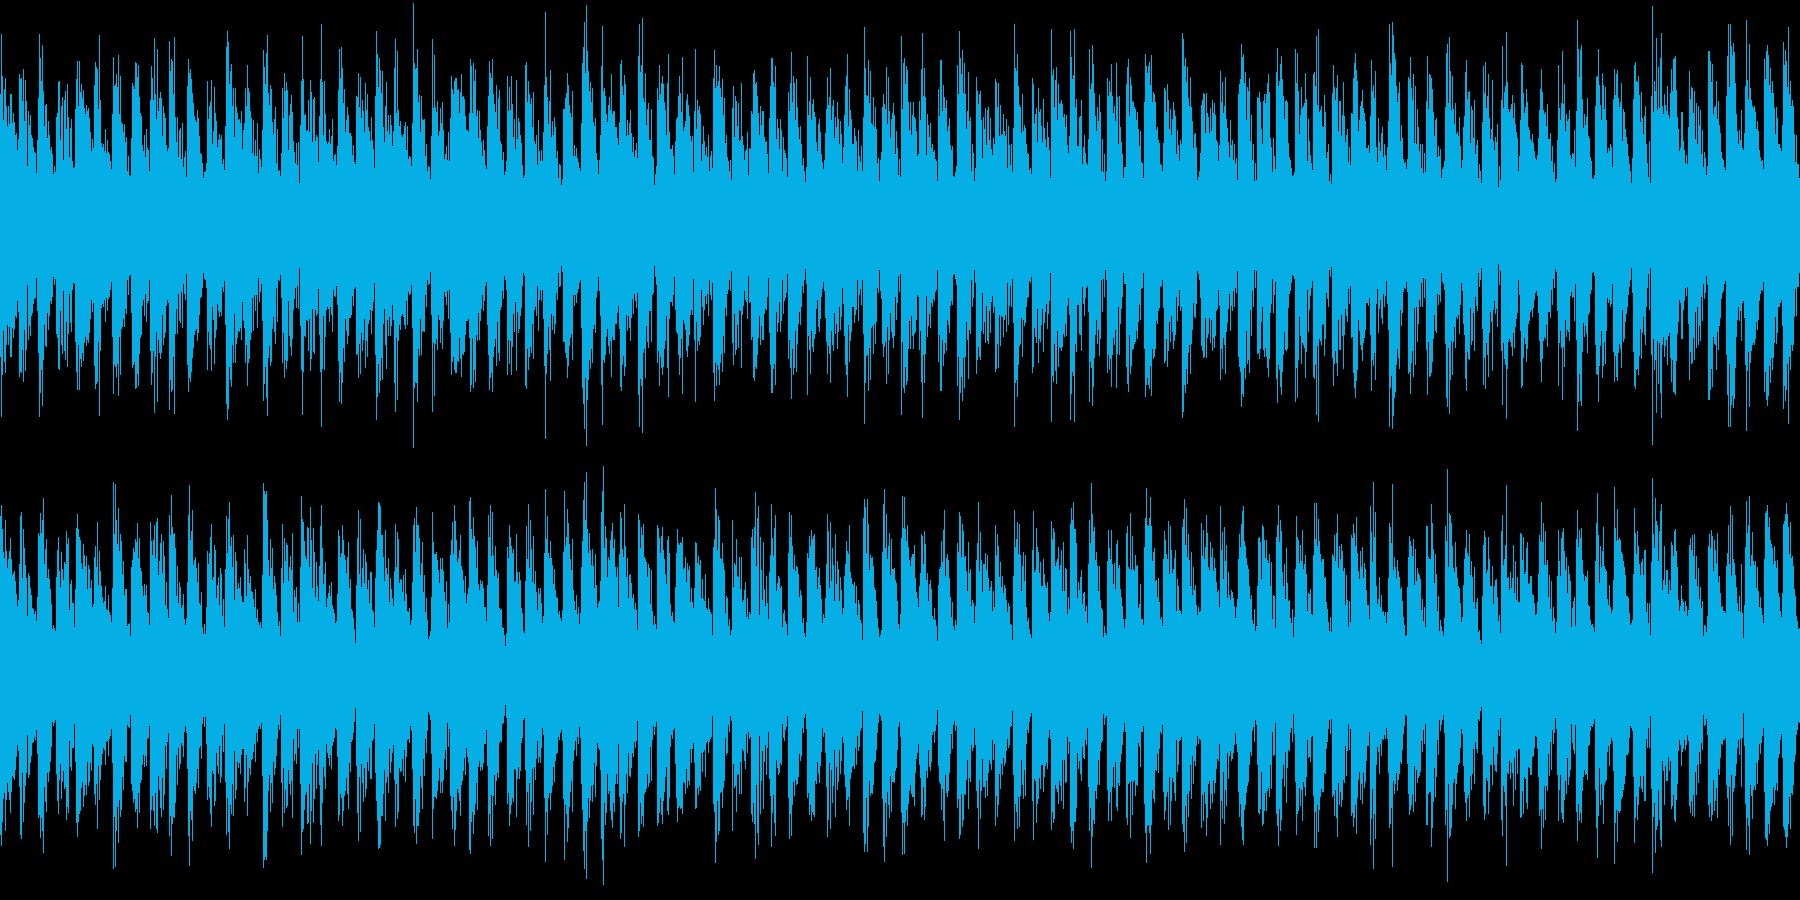 古めかしいビート感のあるダンスループ曲の再生済みの波形